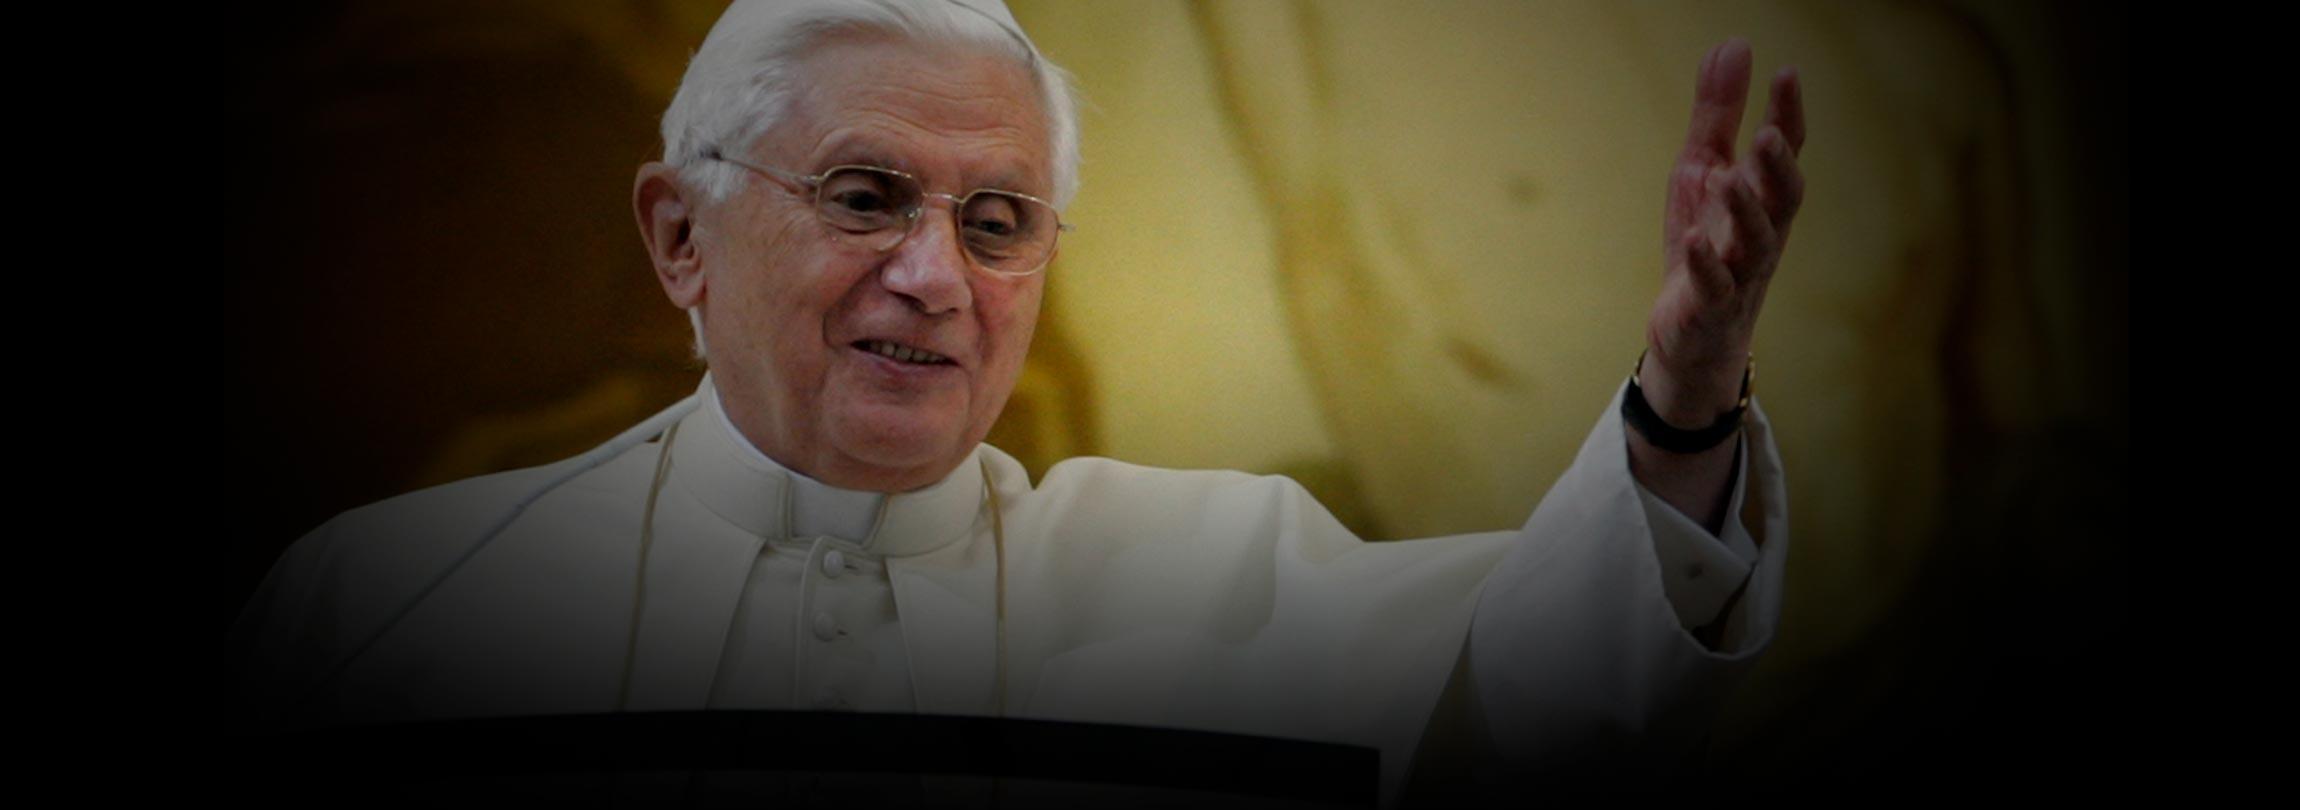 Catequese de Bento XVI sobre a Fé cristã